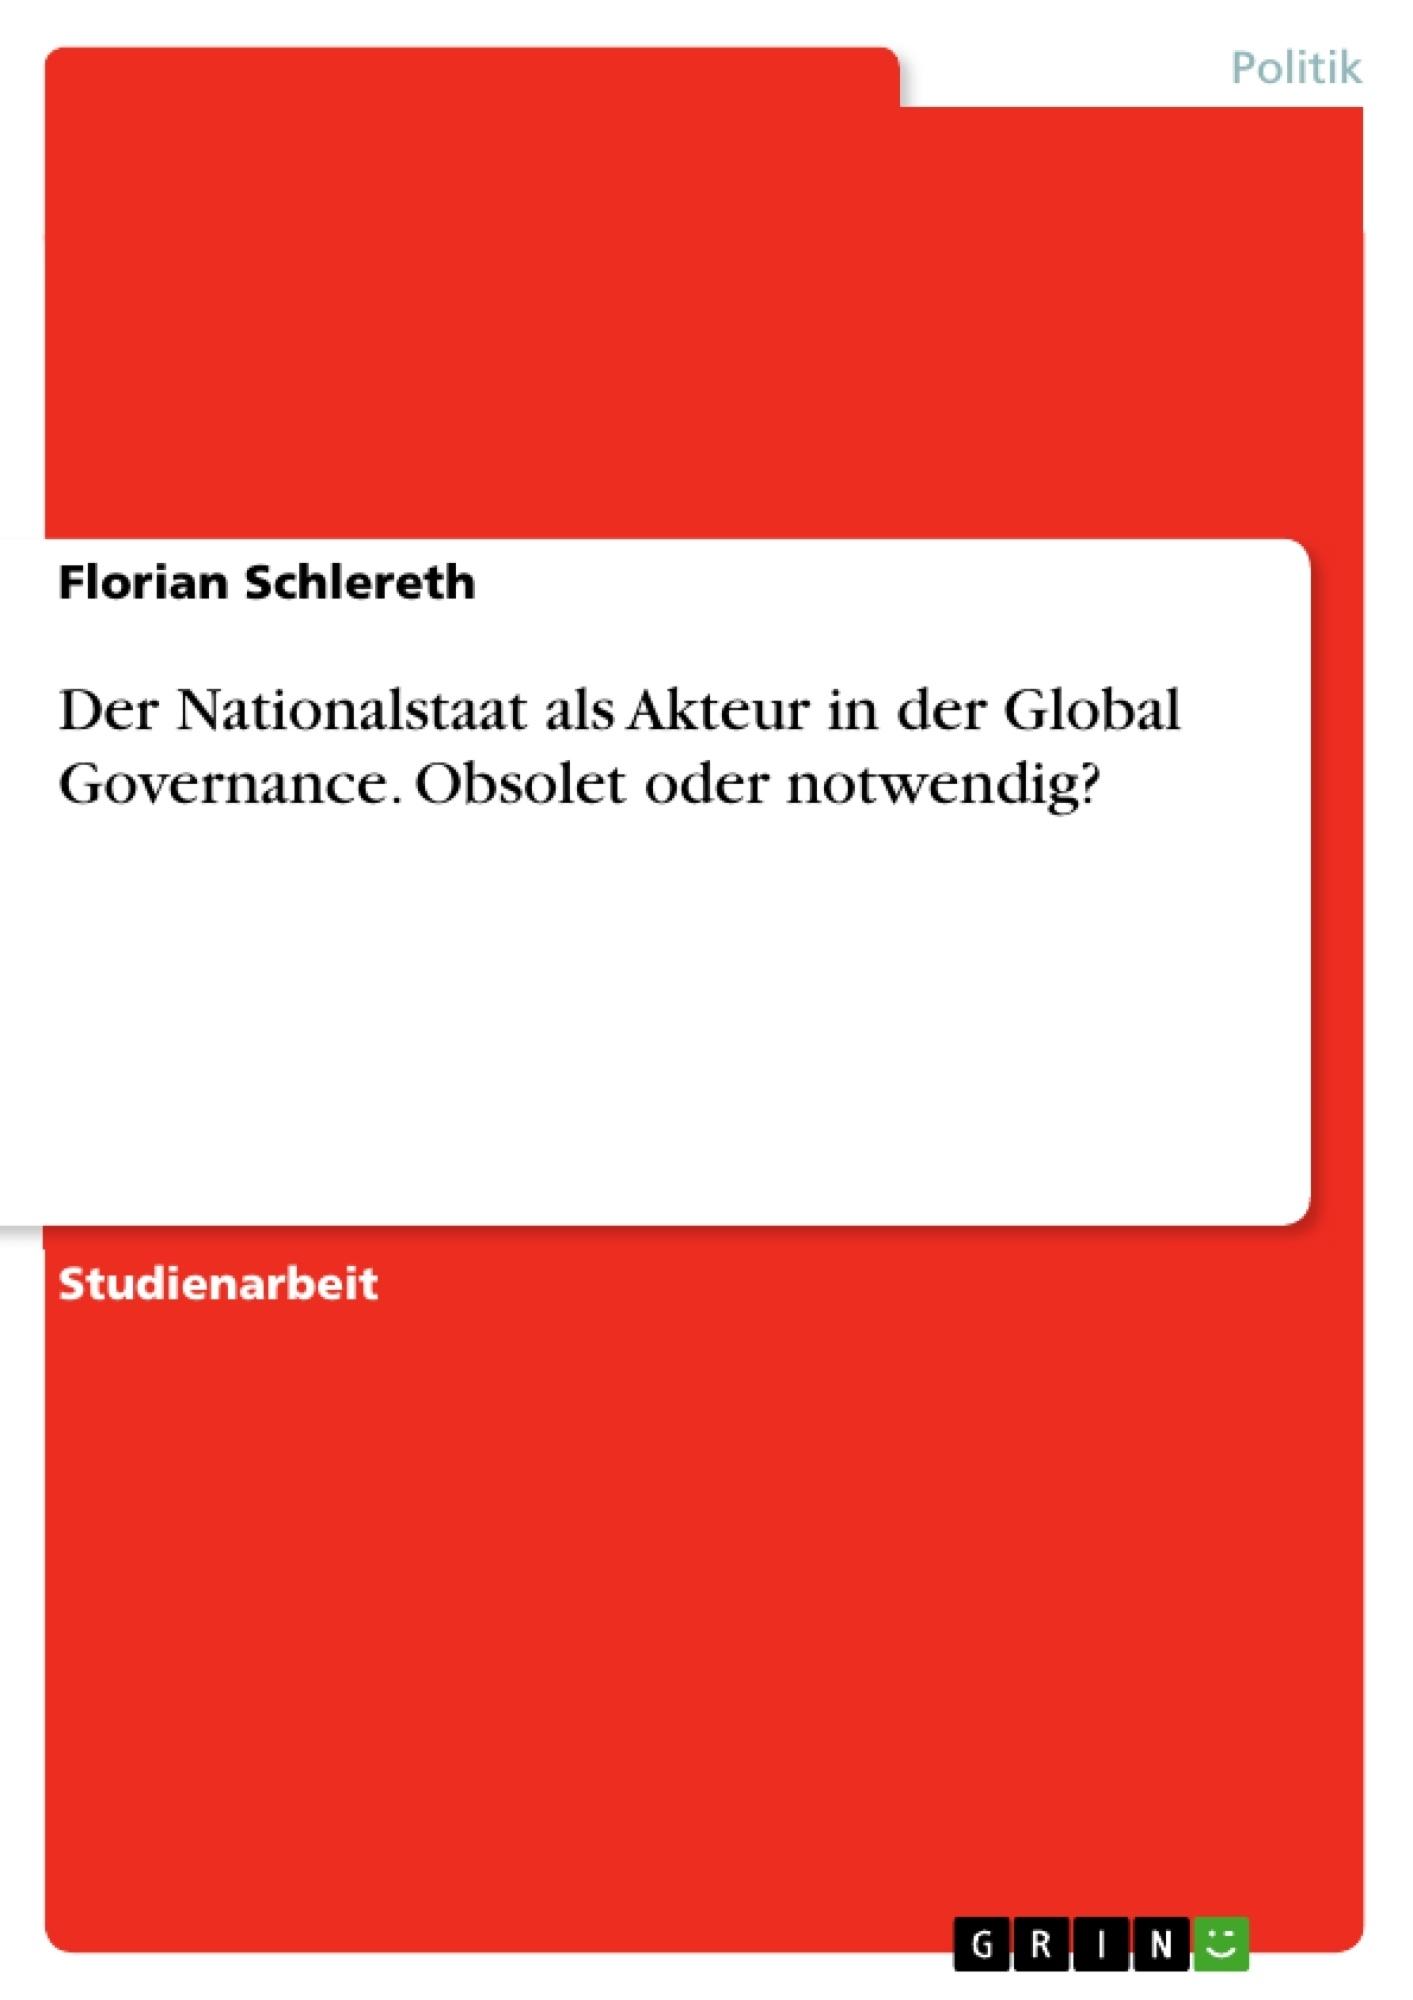 Titel: Der Nationalstaat als Akteur in der Global Governance.  Obsolet oder notwendig?